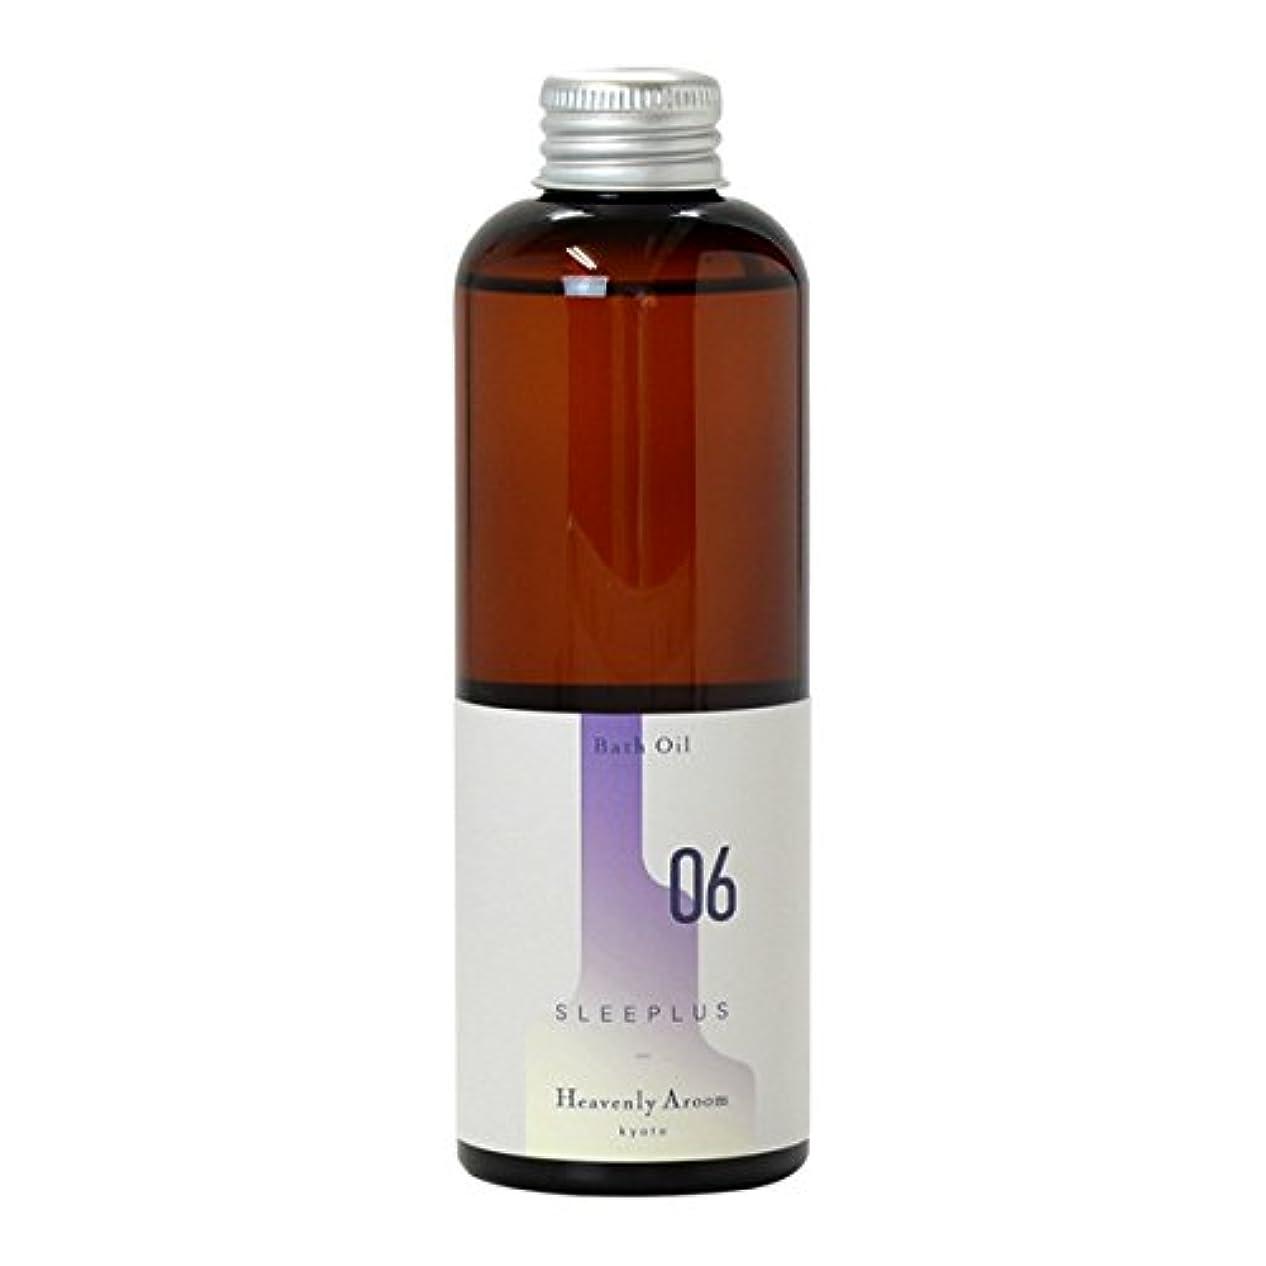 退屈クレデンシャルラメHeavenly Aroom バスオイル SLEEPLUS 06 ラベンダーバニラ 200ml